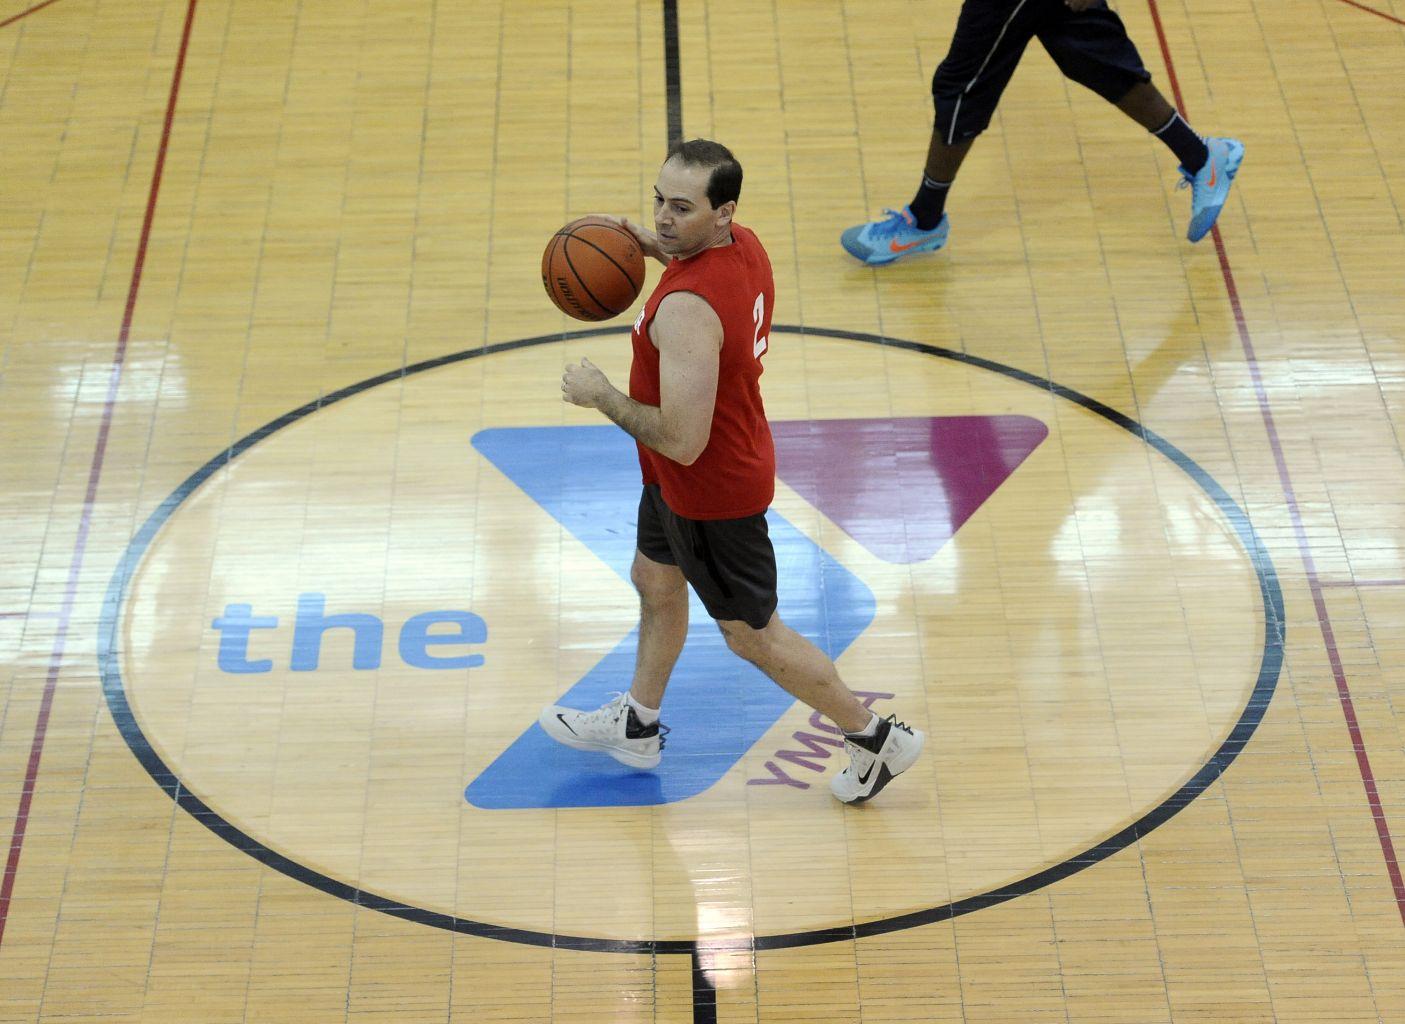 Ann Arbor YMCA adult basketball, Sunday, January 25, 2015.